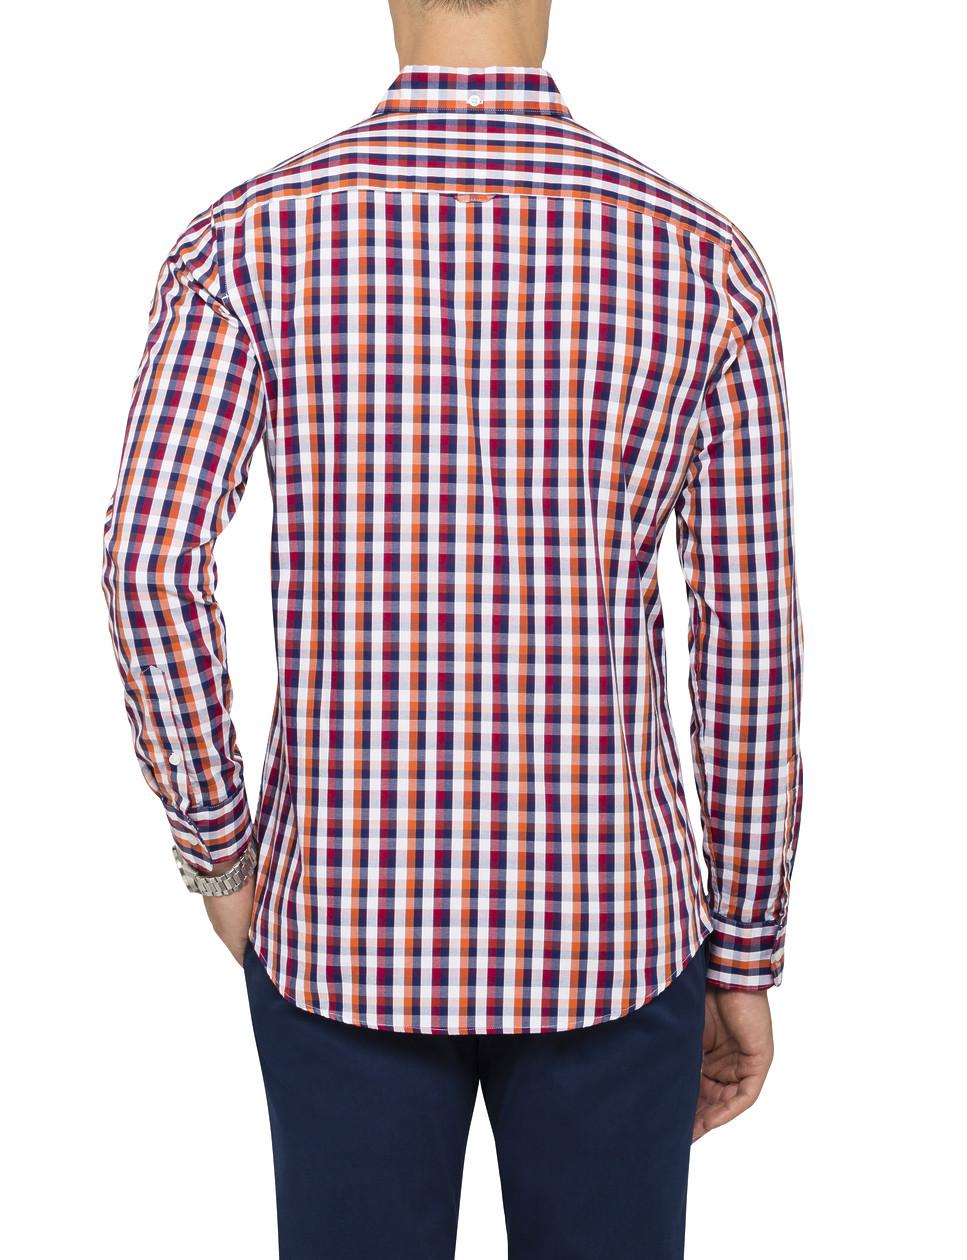 Van Heusen Mens Casual Shirt Red Orange Check Mens